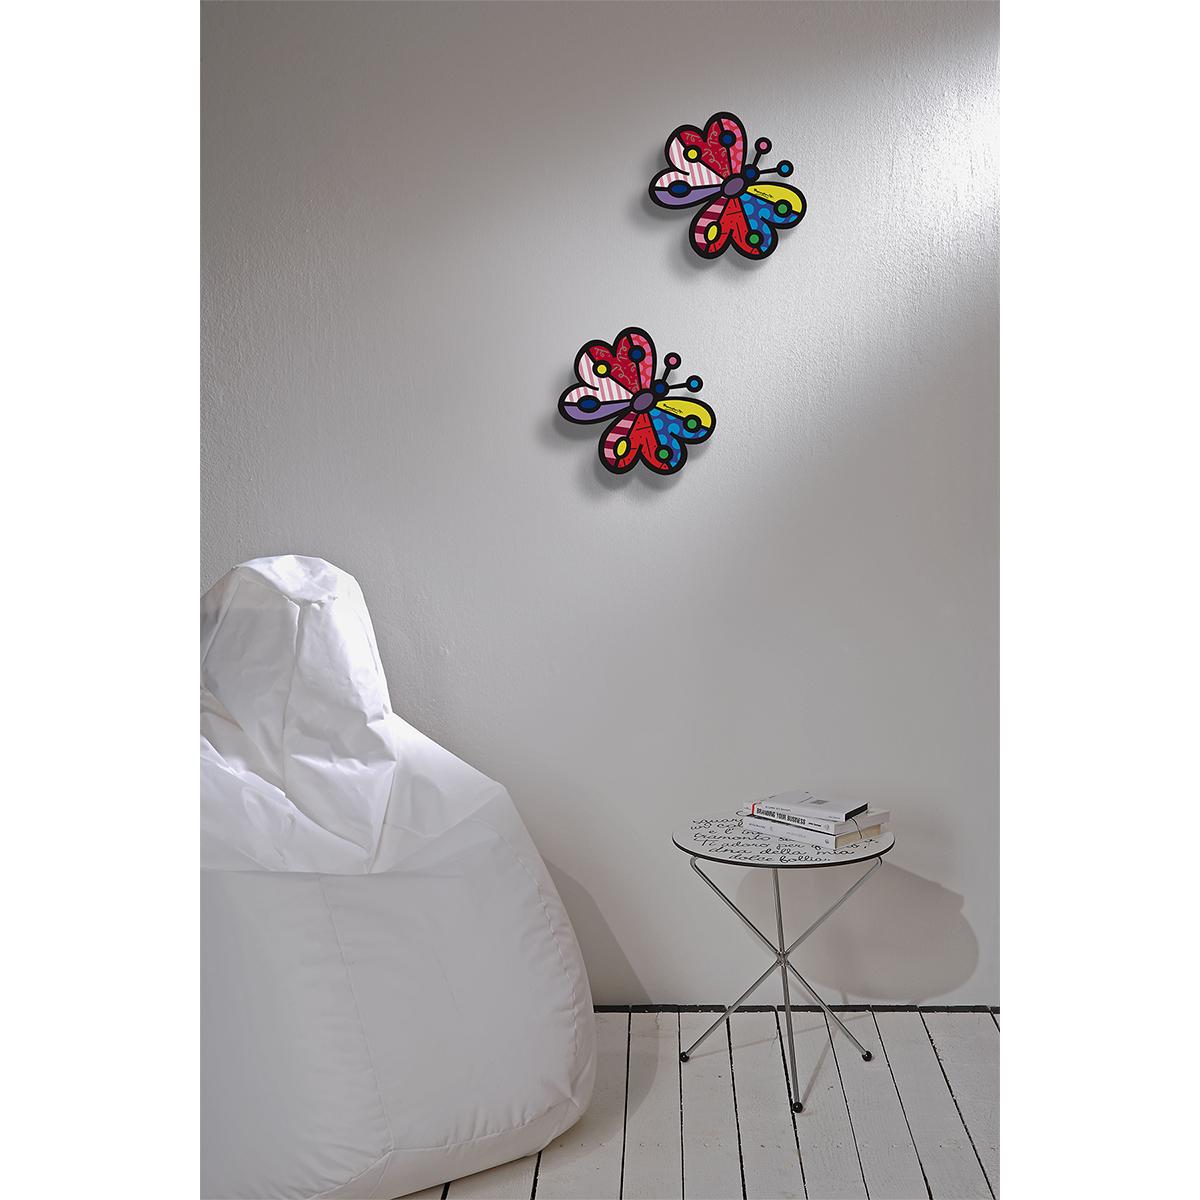 elemento decorativo murale a forma di farfalla colorata secondo lo stile di Romero Britto